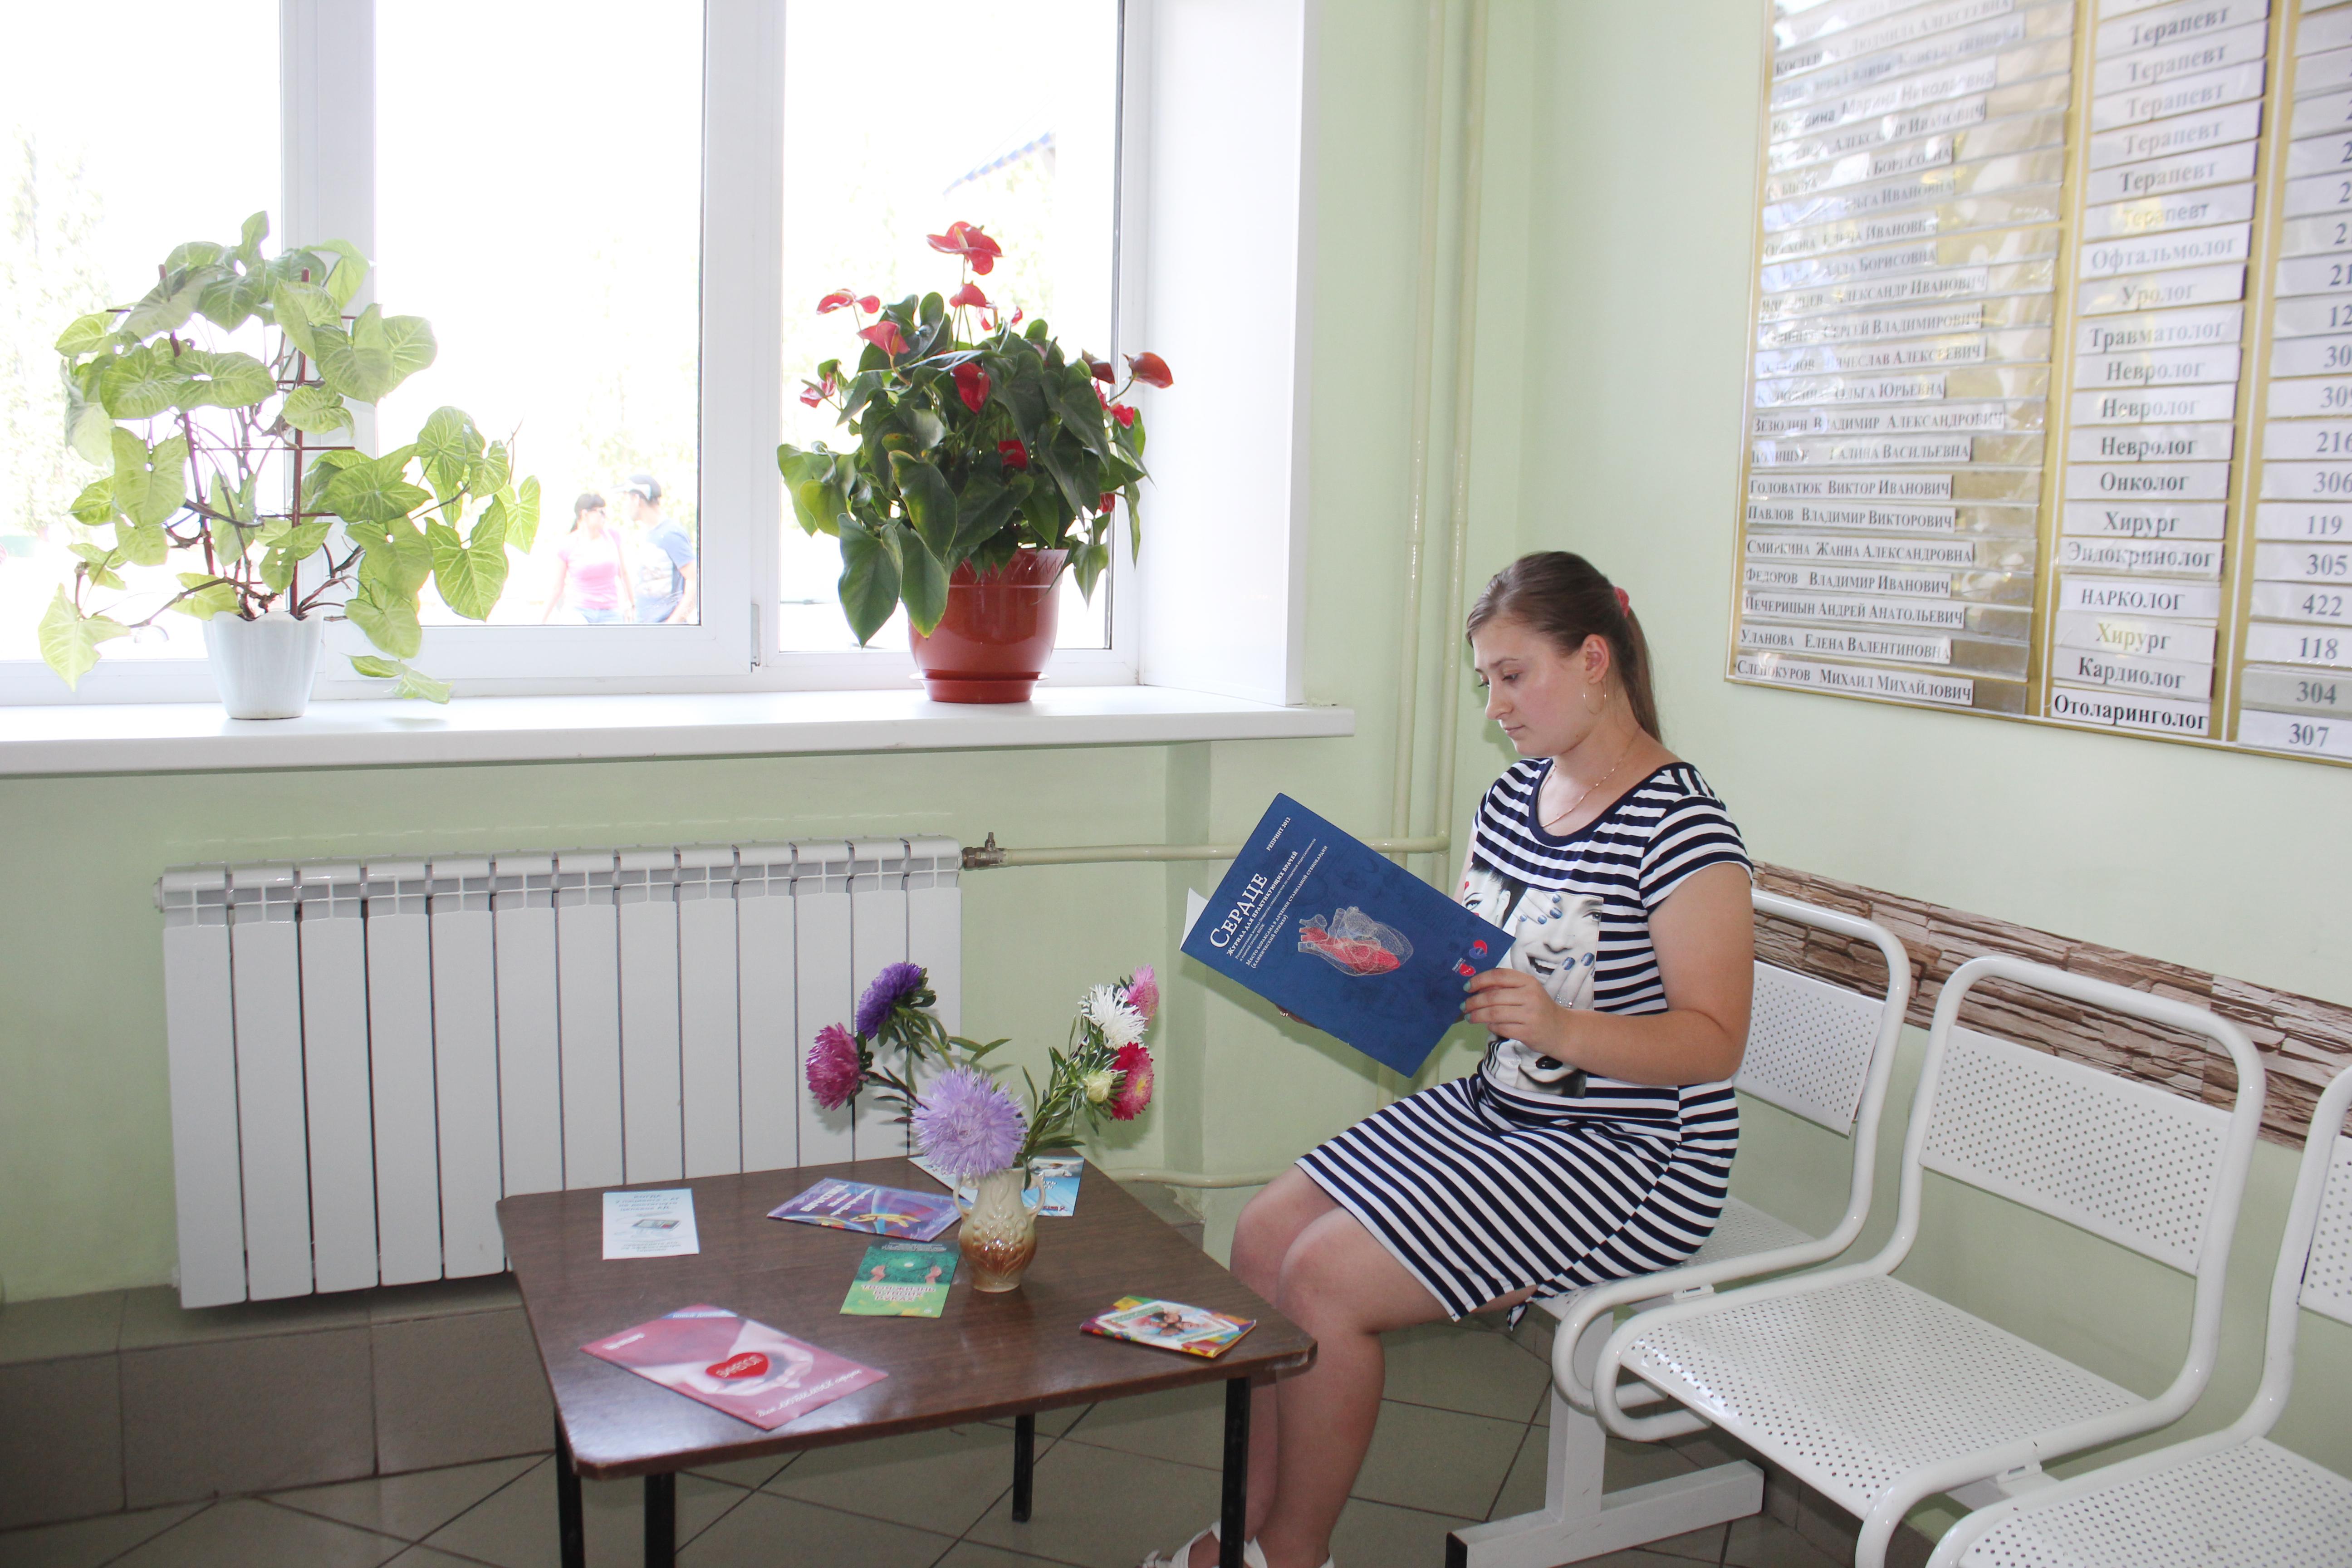 3 городская больница зеленоград справочная телефон